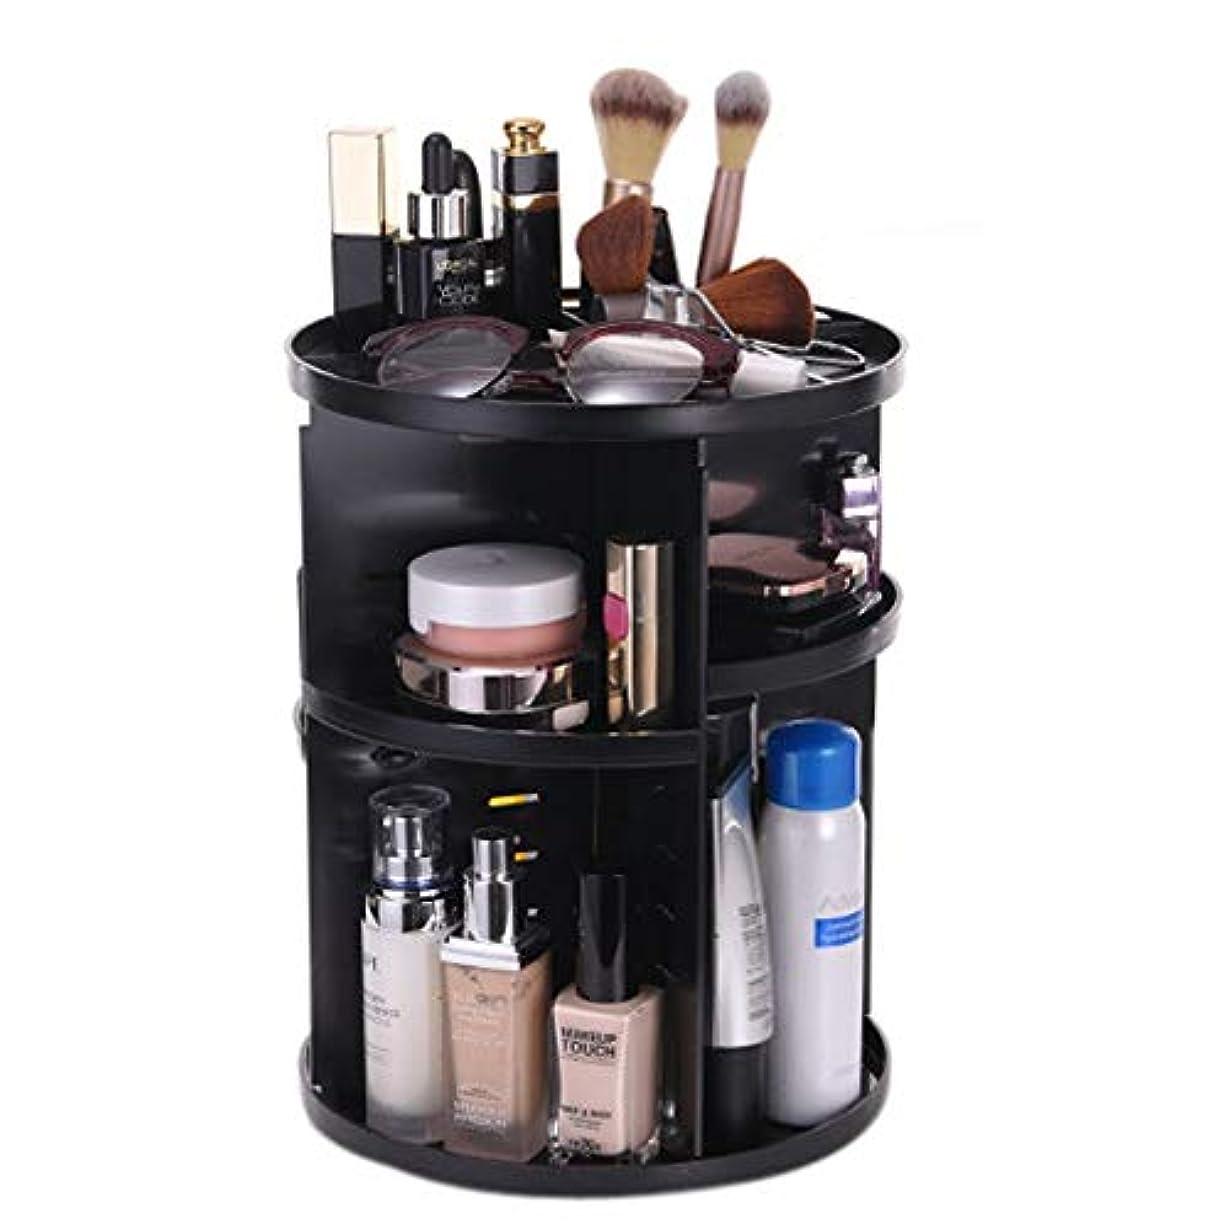 アウトドア大きなスケールで見ると成功したwinkong 化粧コスメ収納ボックス アブラック 化粧品収納 360度回転 調整可能 大容量 多機能 クリルケース メイクケース